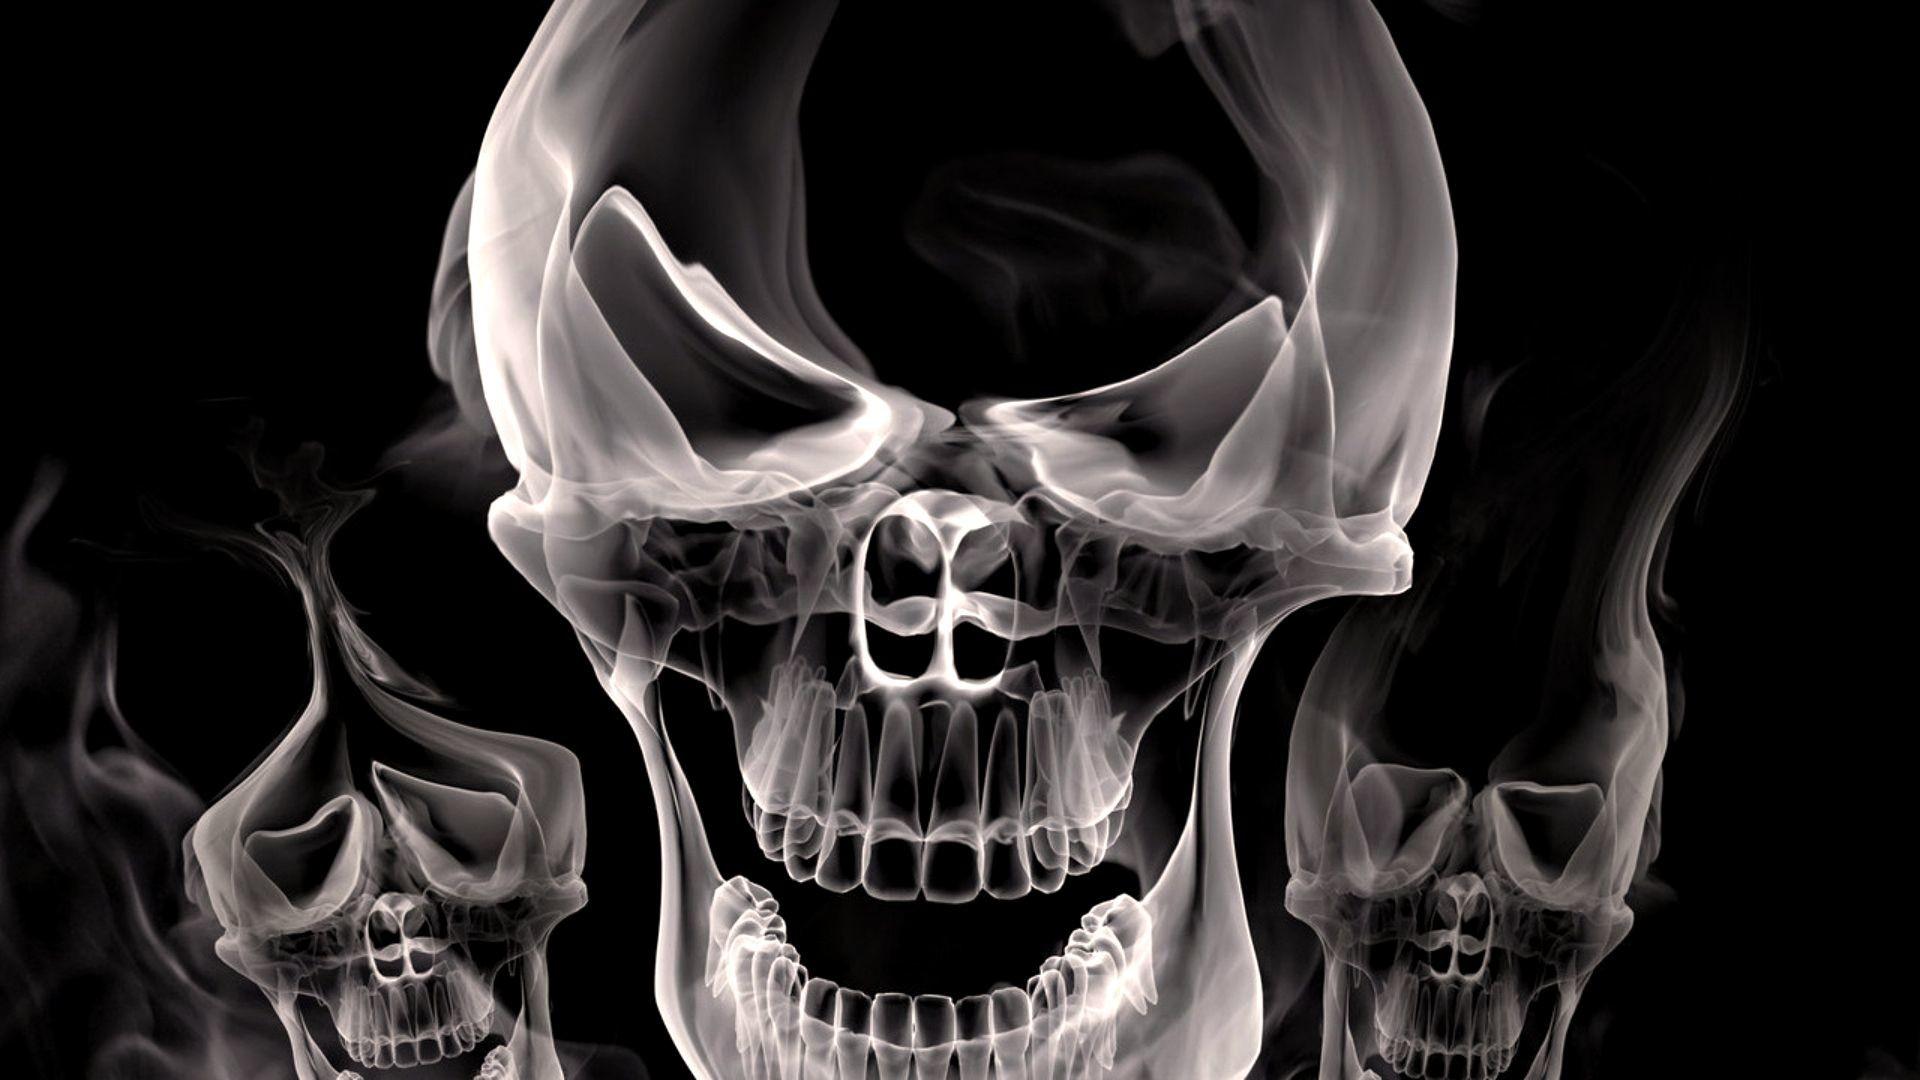 cool-3d-skull-wallpapers-5.jpg